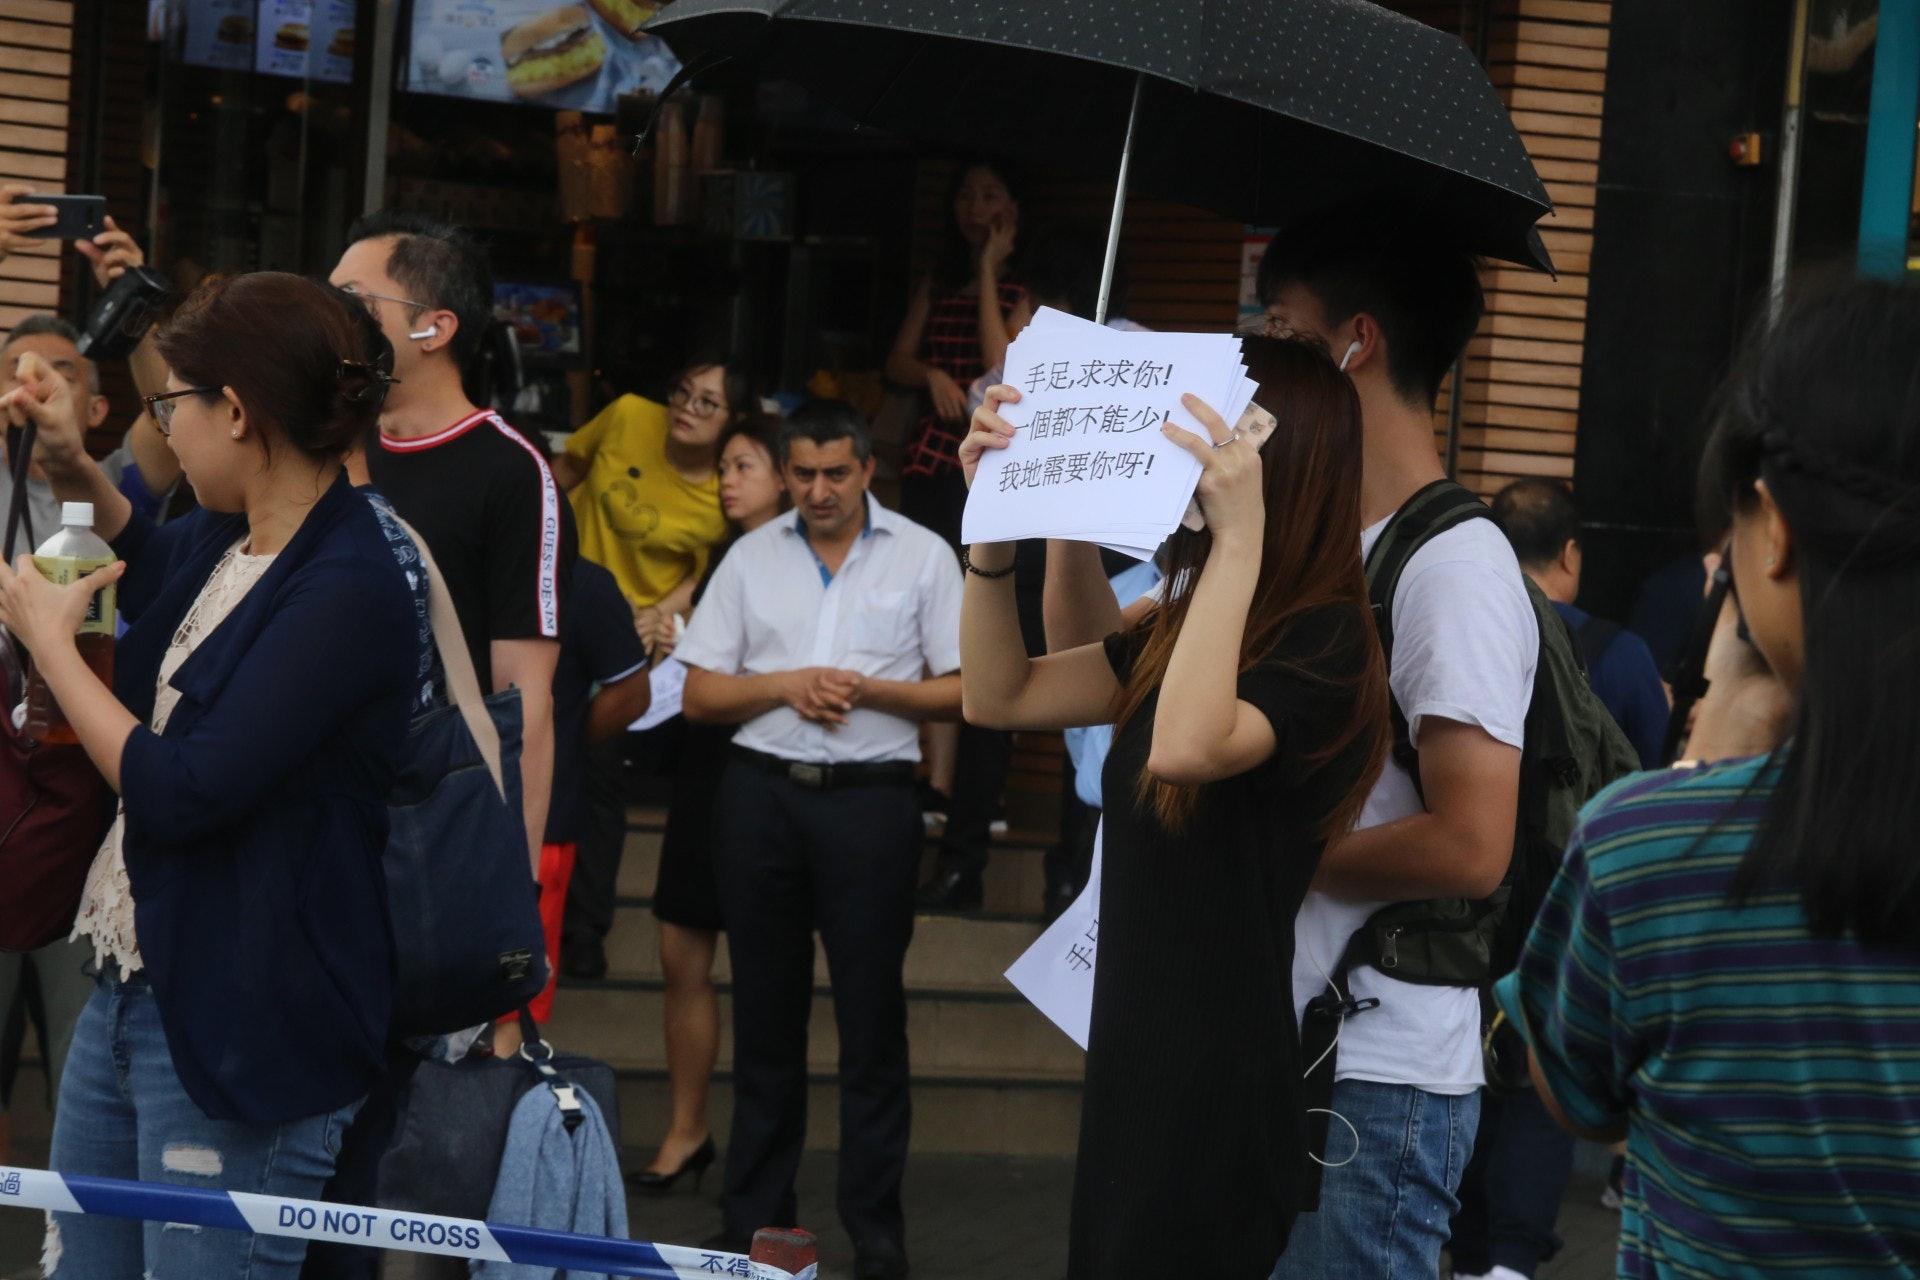 於附近上班的打工仔製作紙牌,希望事主可看到她們的訊息。(陳蕾蕾攝)